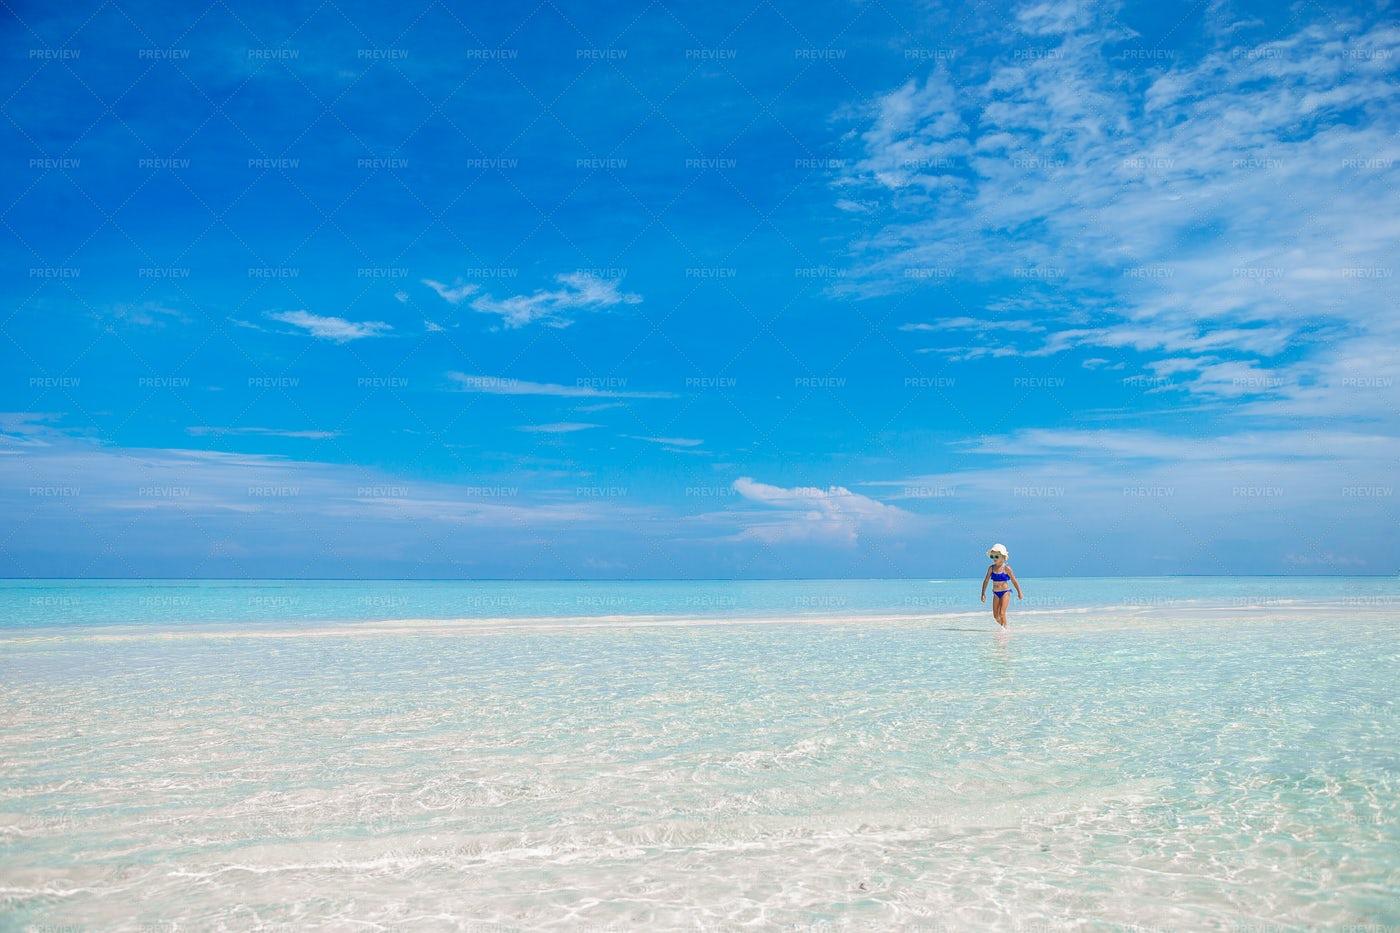 In The Tropical Ocean: Stock Photos